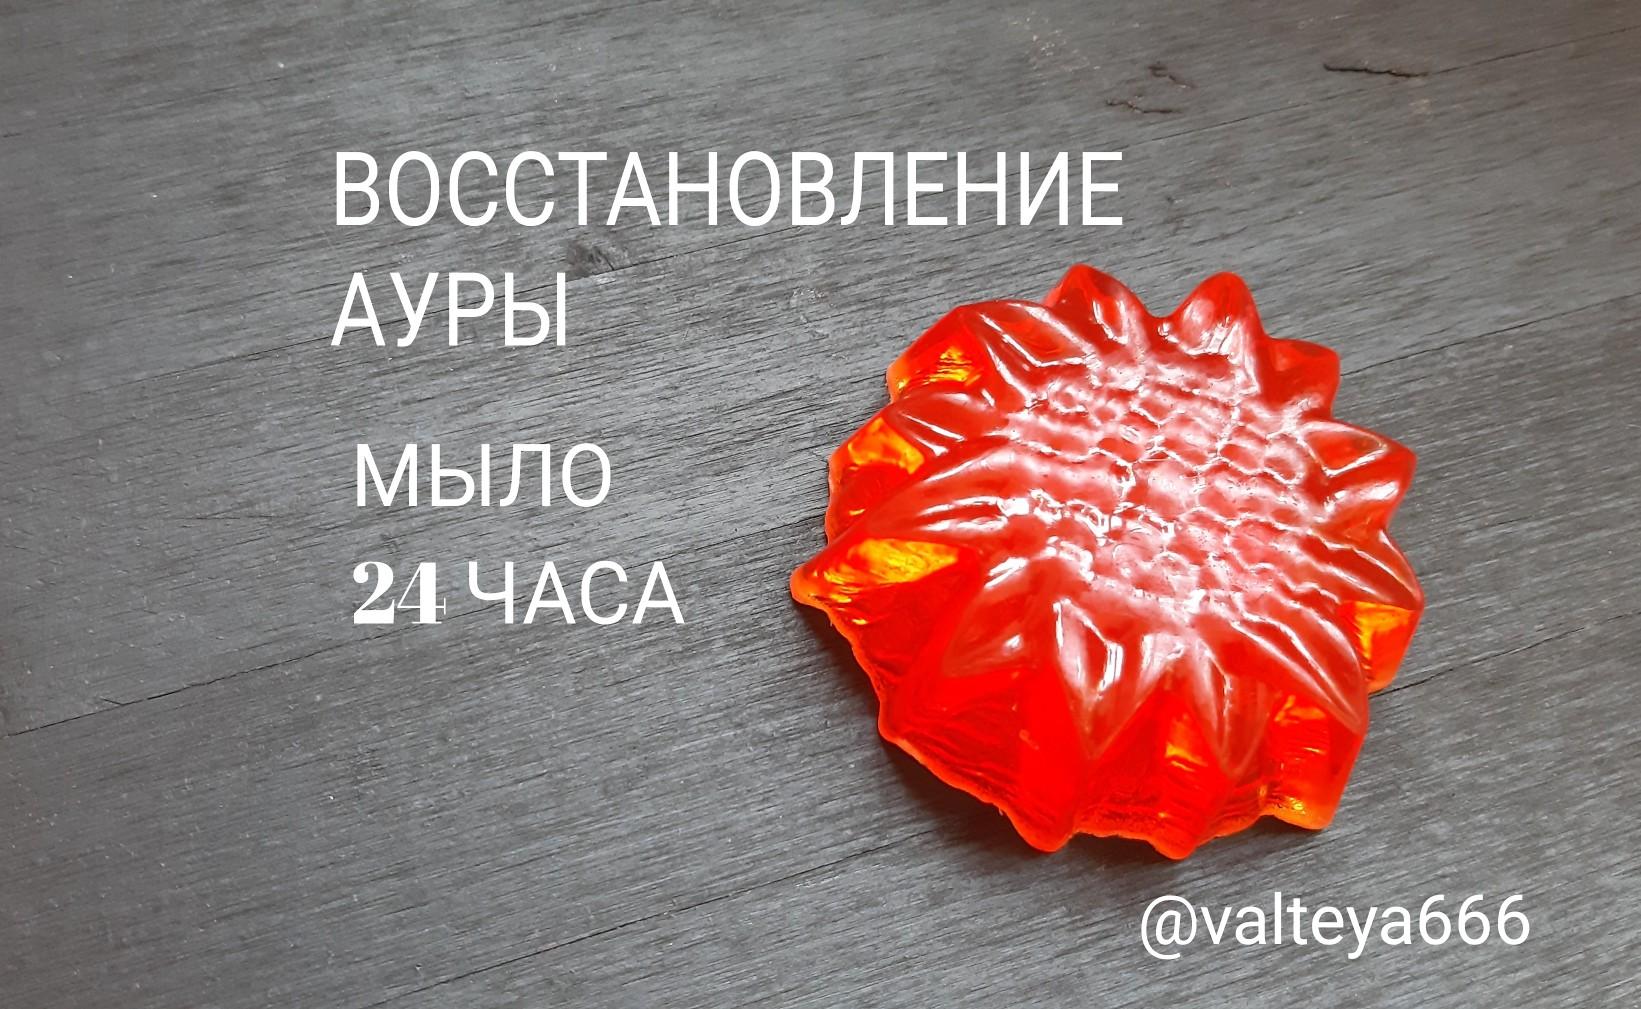 Хештег работа на   Салон Магии и Мистики Елены Руденко. Киев ,тел: +380506251562 - Страница 2 EwnlNBUSwfQ